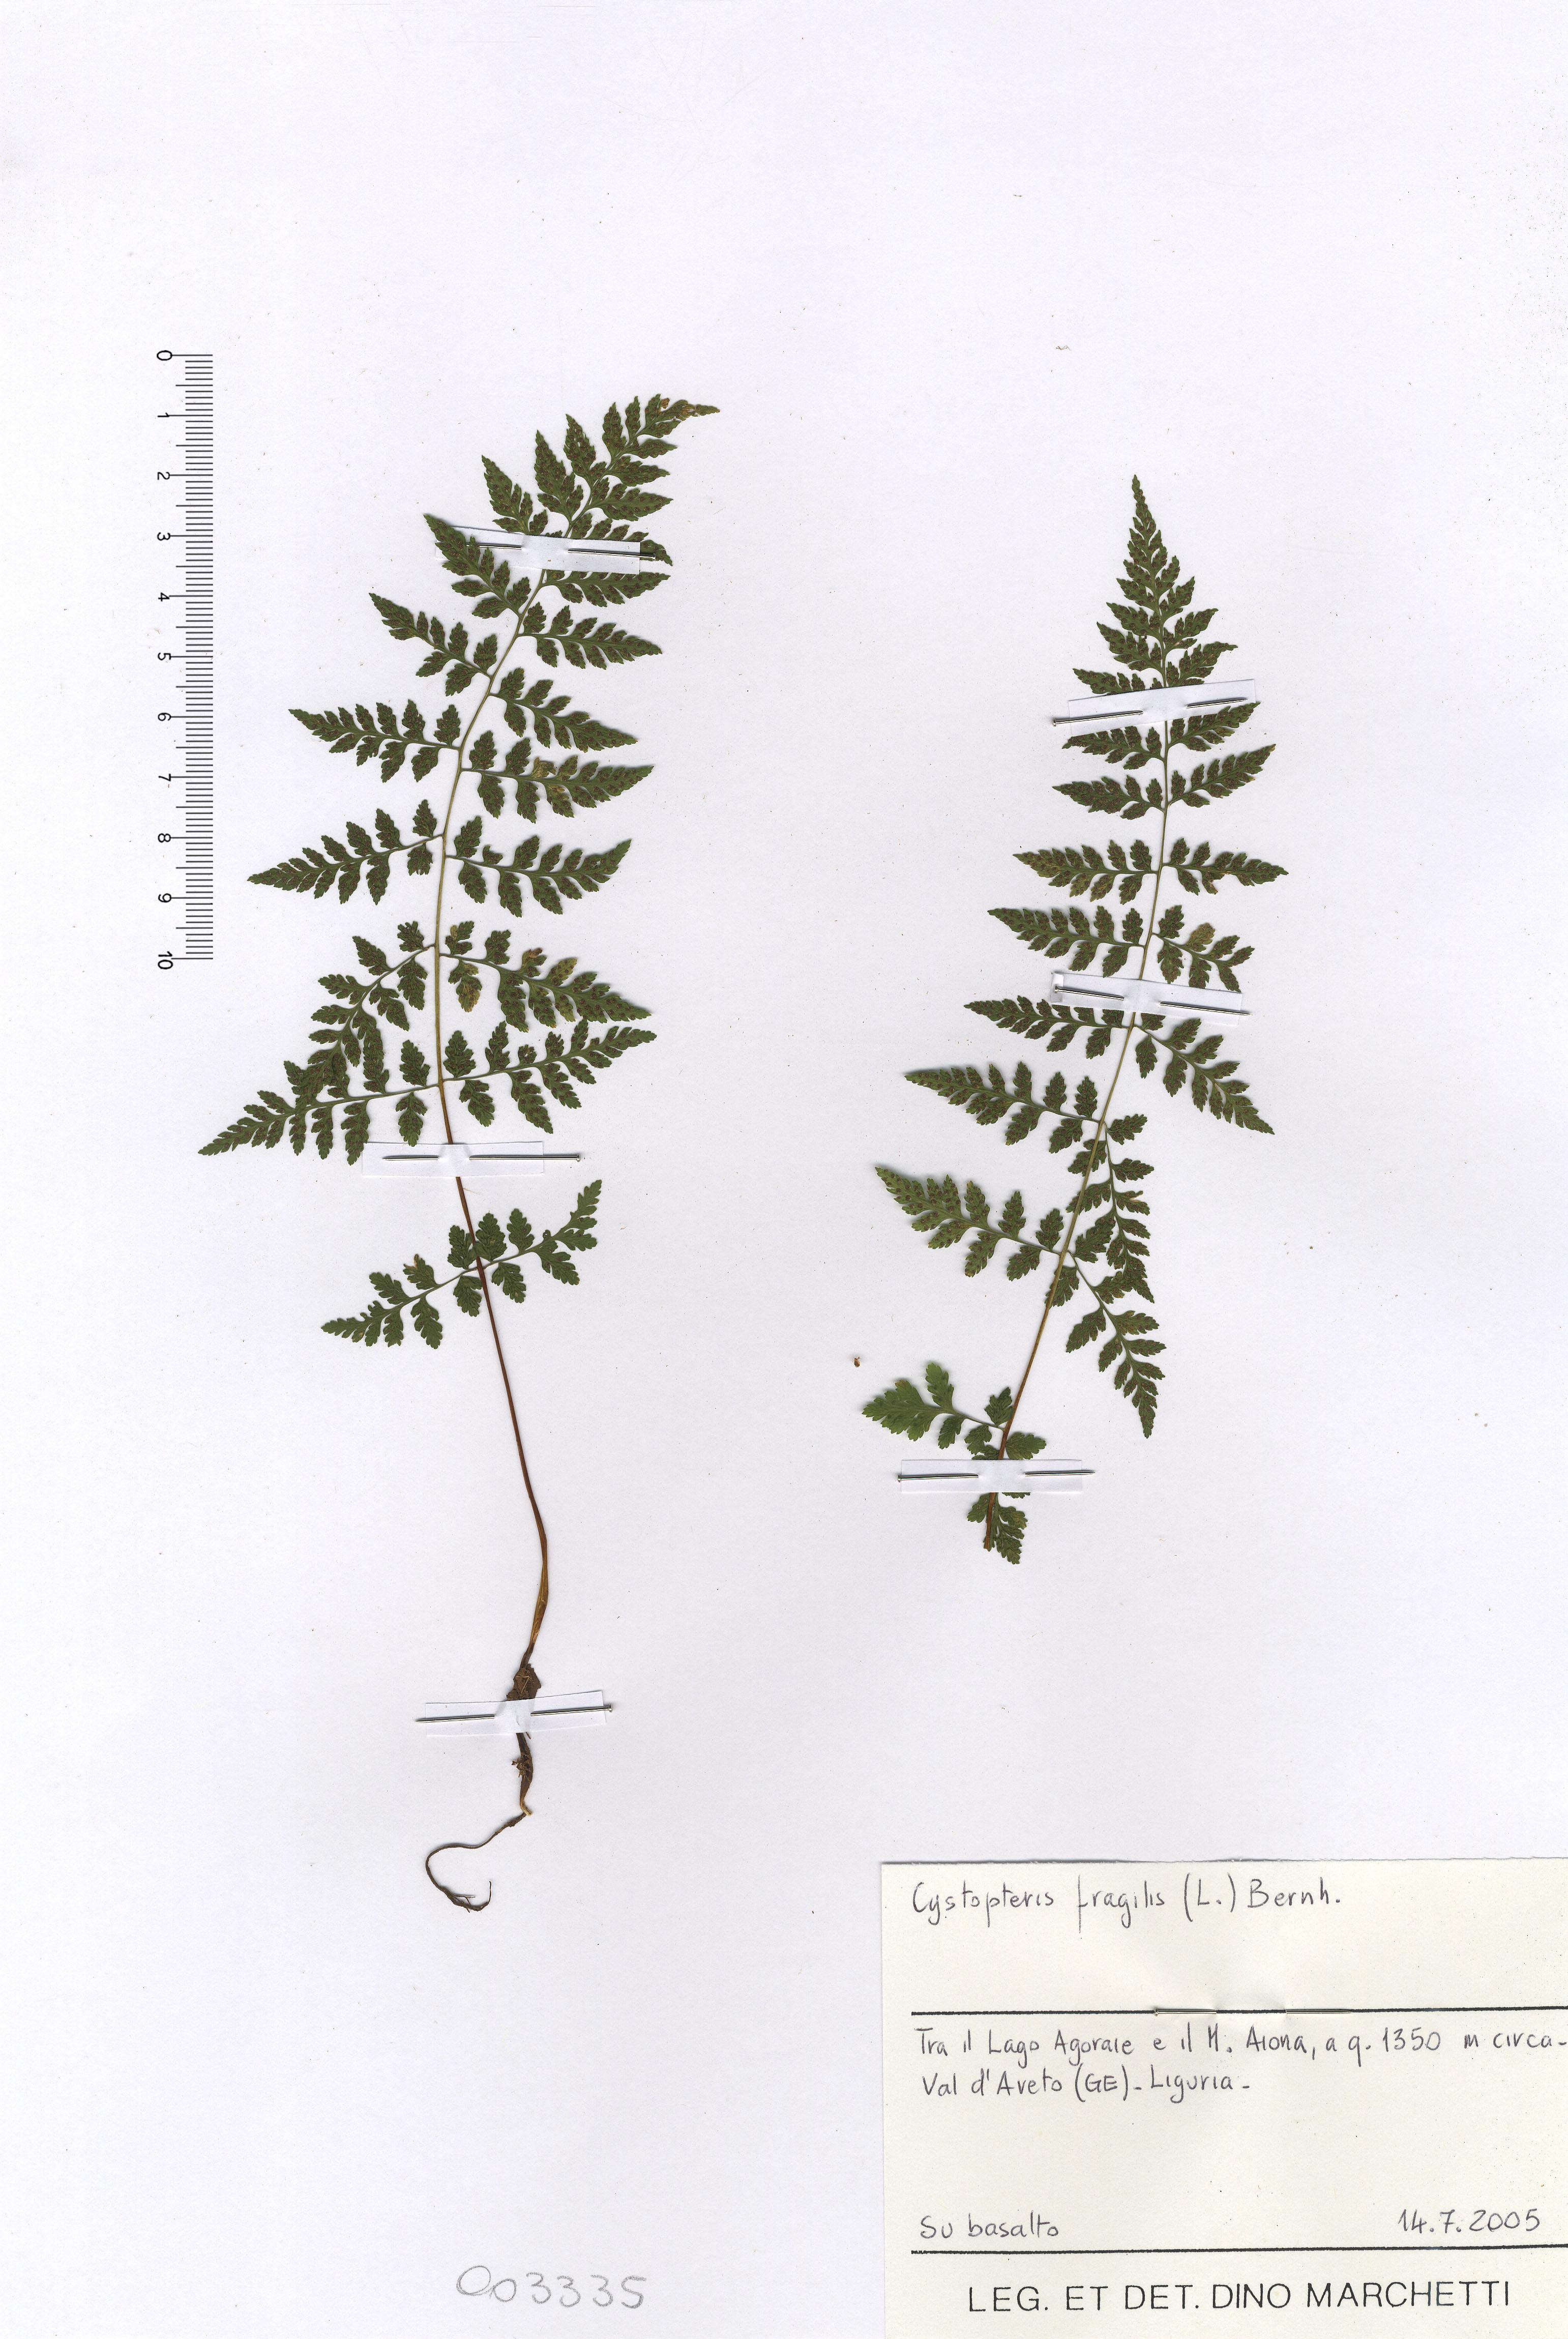 © Hortus Botanicus Catinensis - Herb. sheet 003335<br>